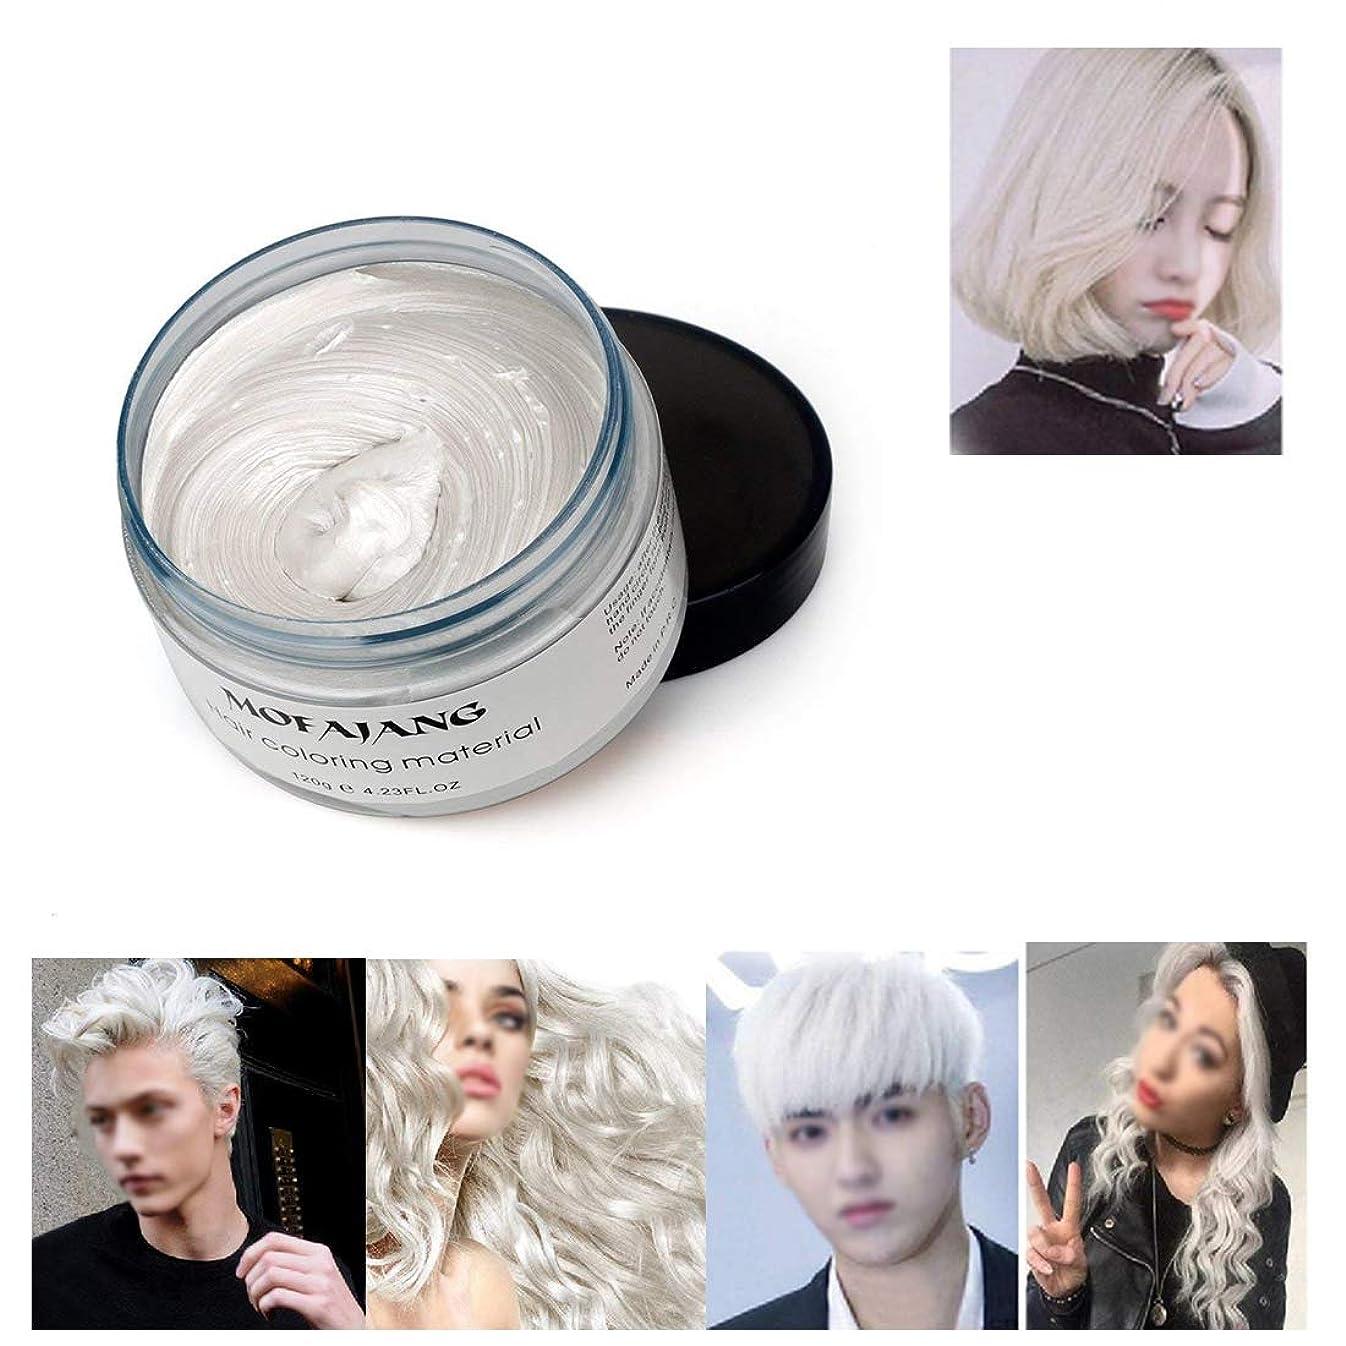 写真撮影慣れる概要髪色ワックス,一度だけ一時的に自然色染料ヘアワックスをモデリング,パーティーのための自然なマット髪型。コスプレ、仮装、ナイトクラブ、ハロウィーン (ホワイト)